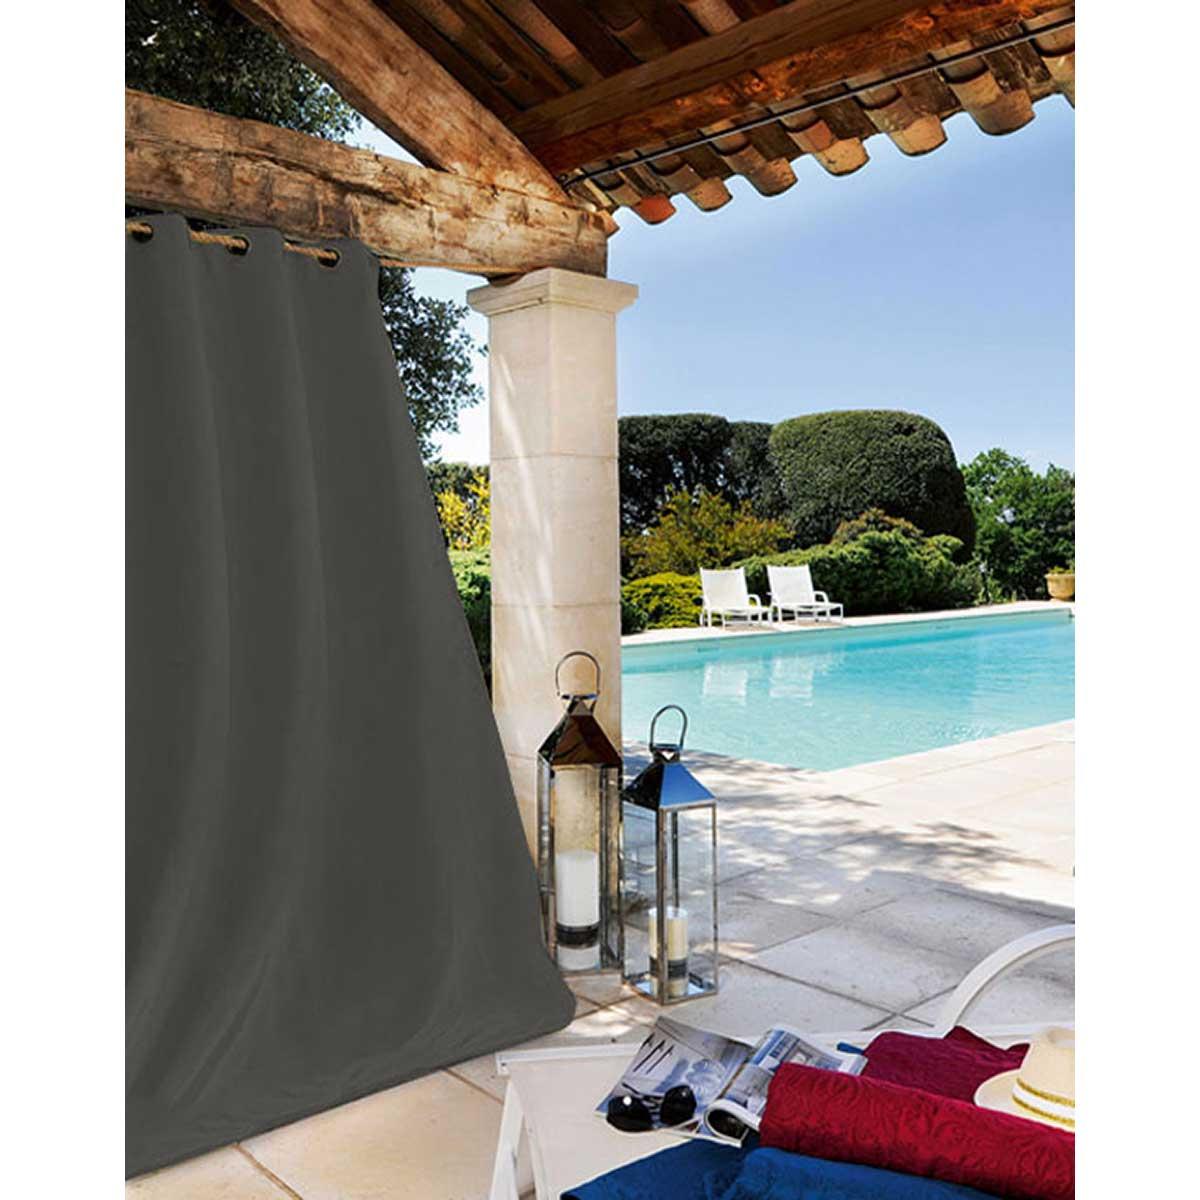 Rideau extérieur tissu outdoor toile gris foncé 240x135